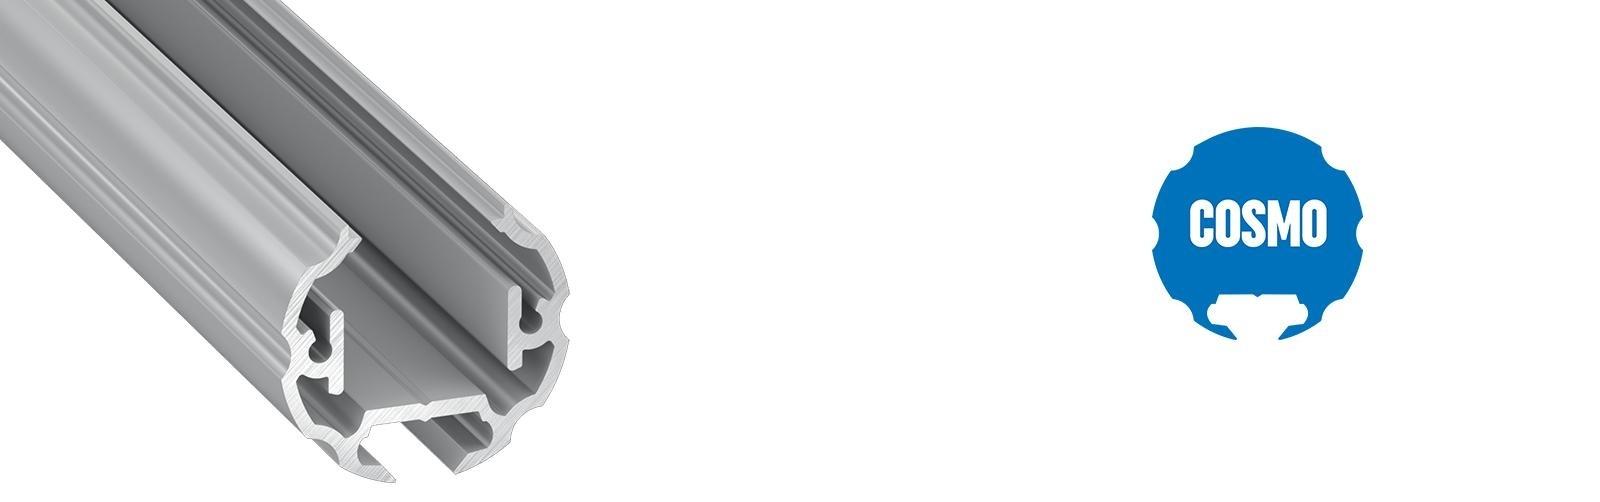 Profil LED okrągły Cosmo